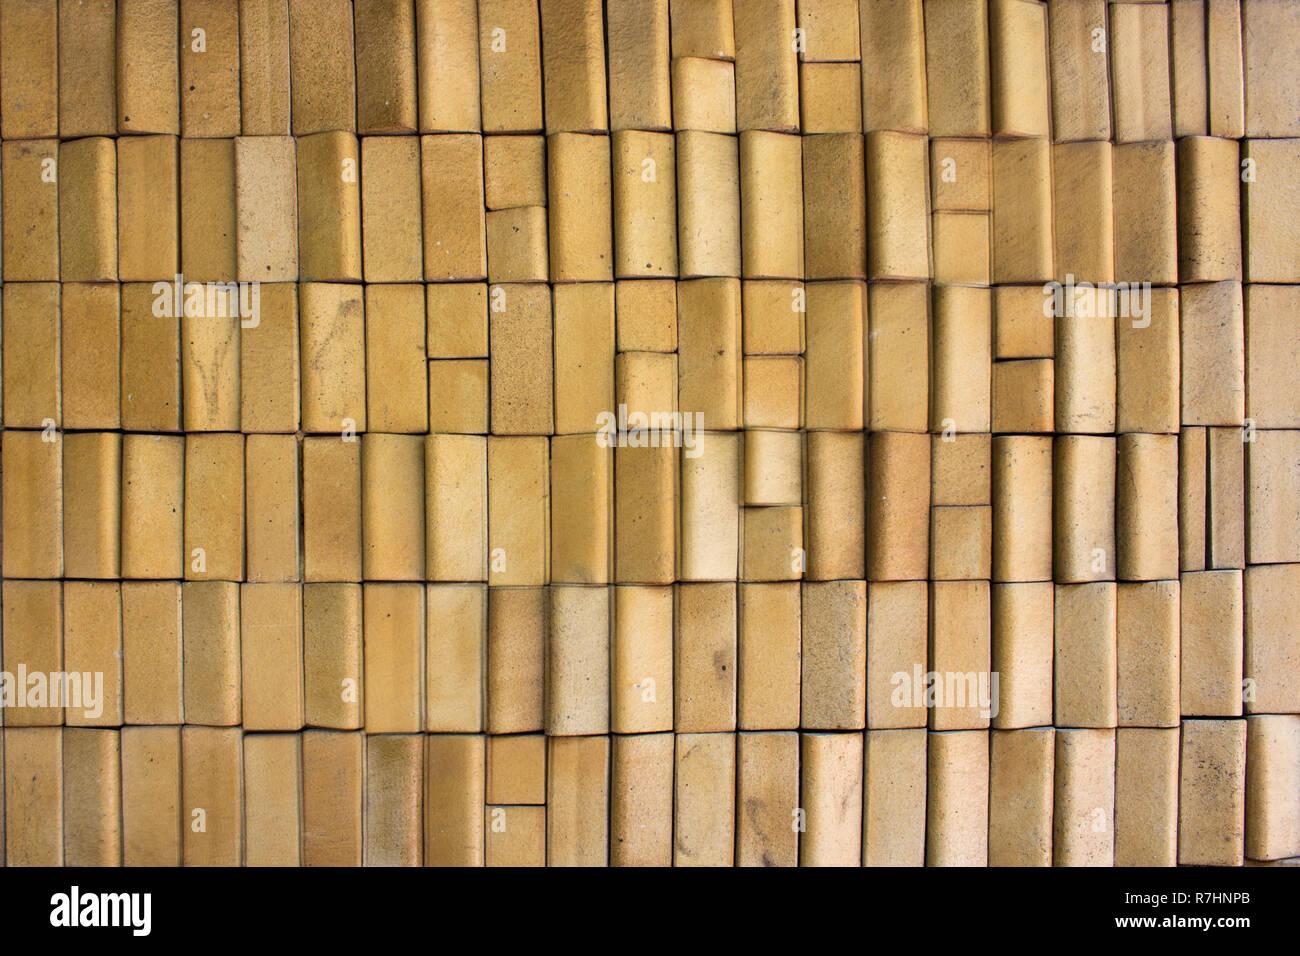 Muro di mattoni beige texture. Immagini Stock